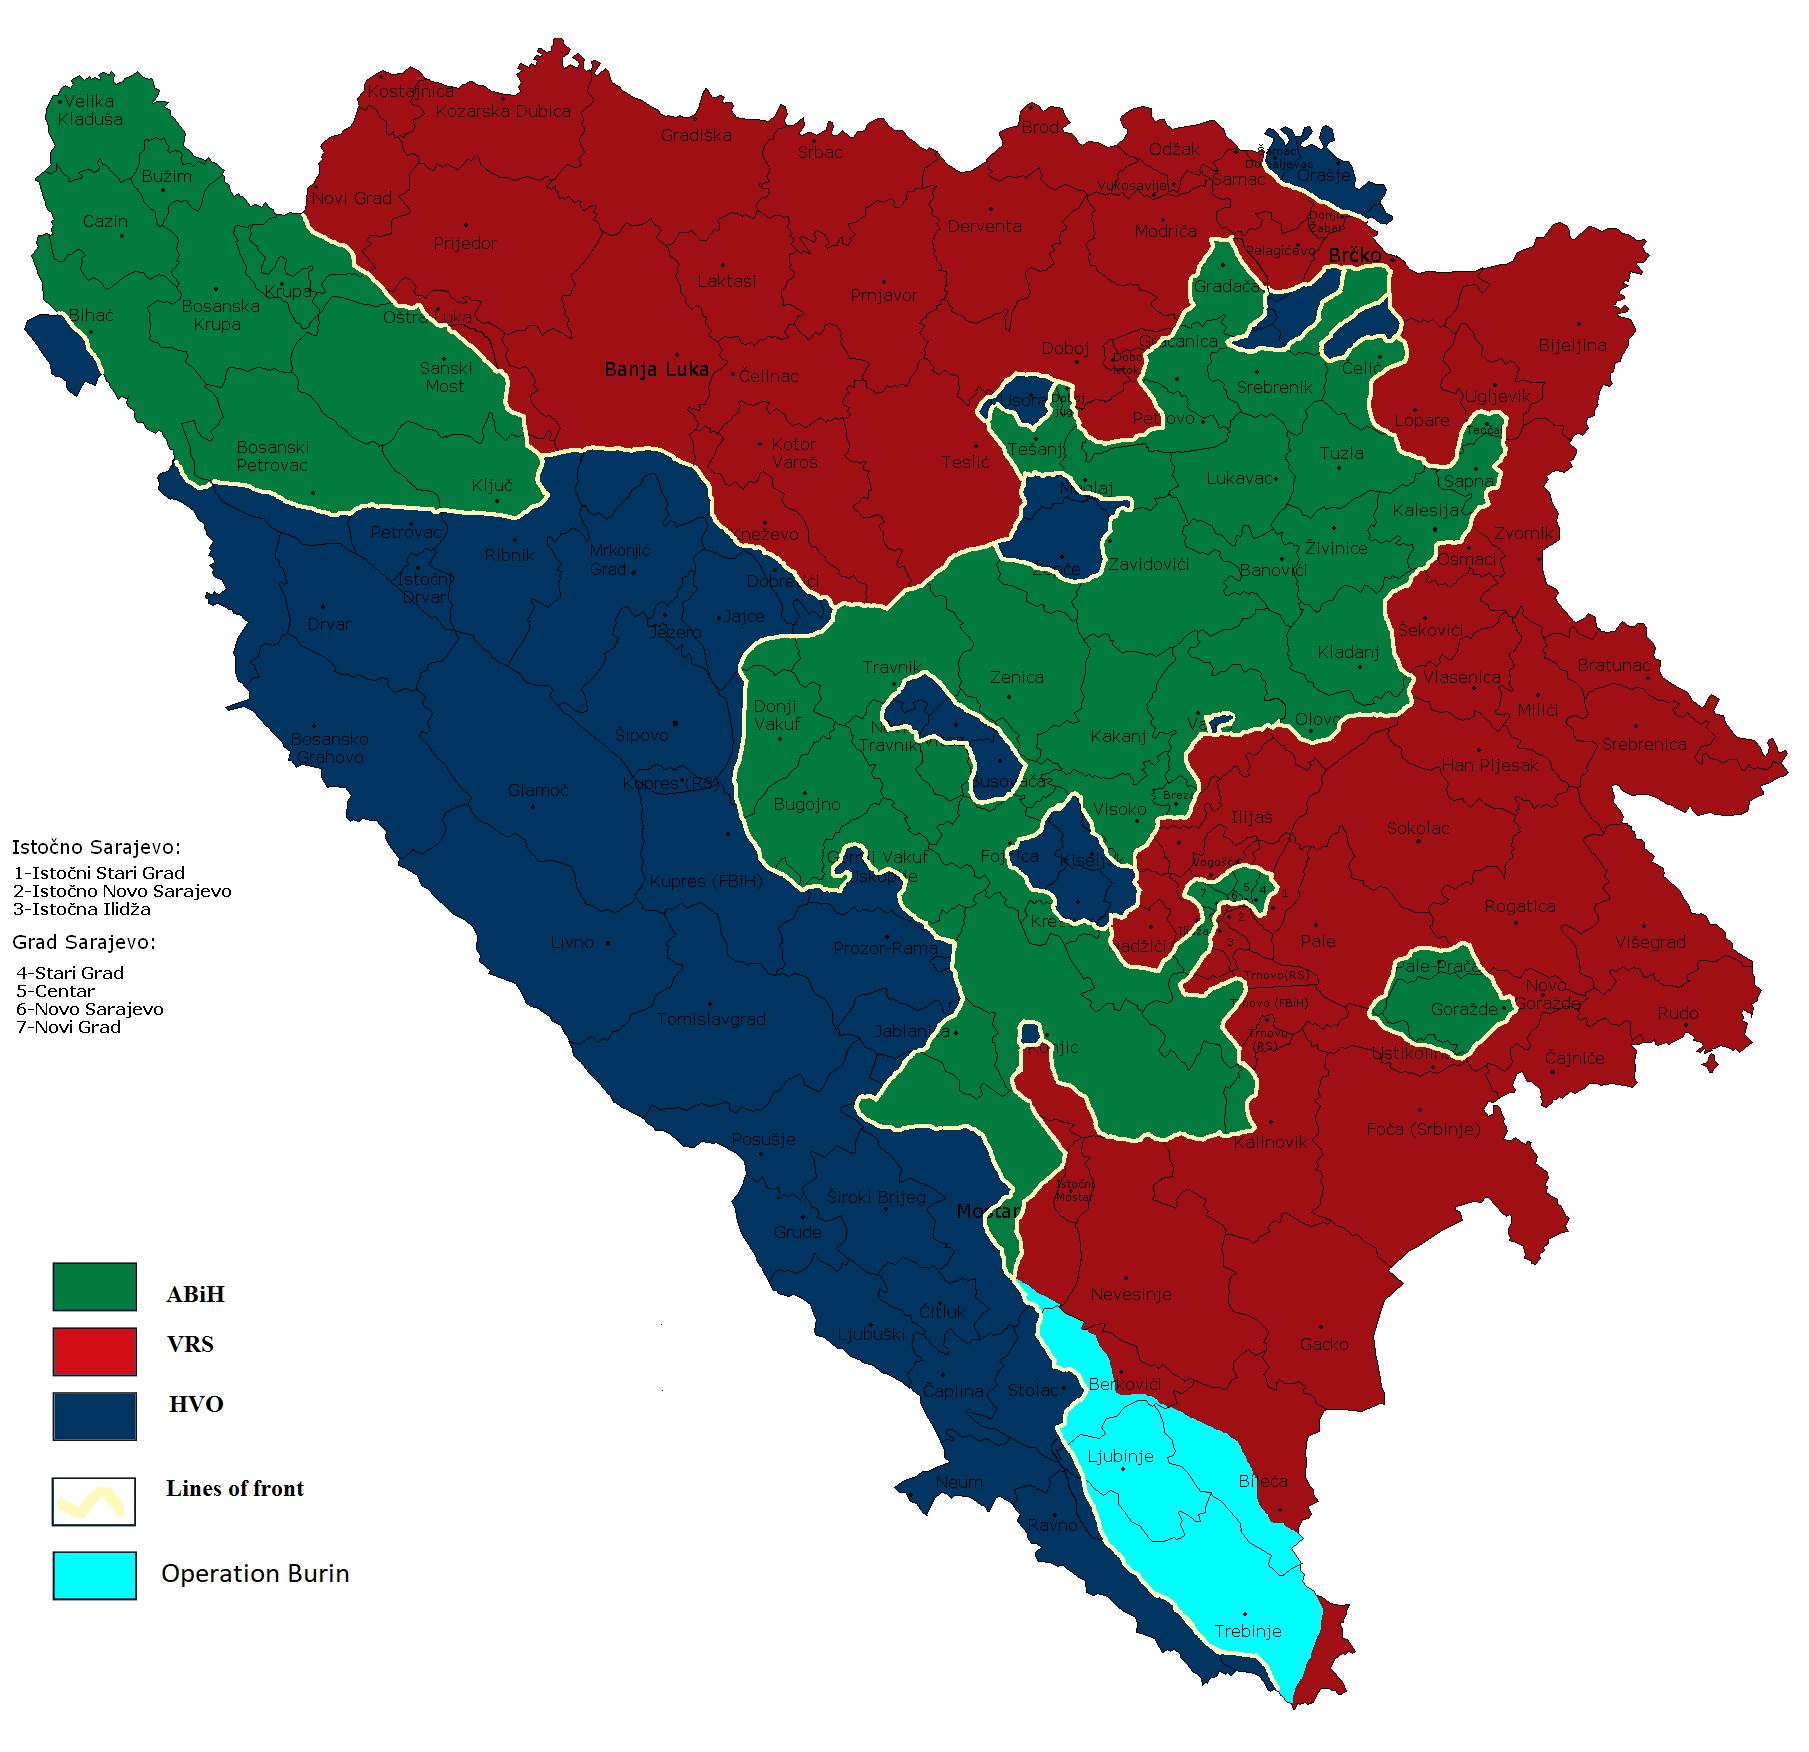 Svijetloplavom bojom je označeno ciljano područje koje su trebale osloboditi hrvatske snage.